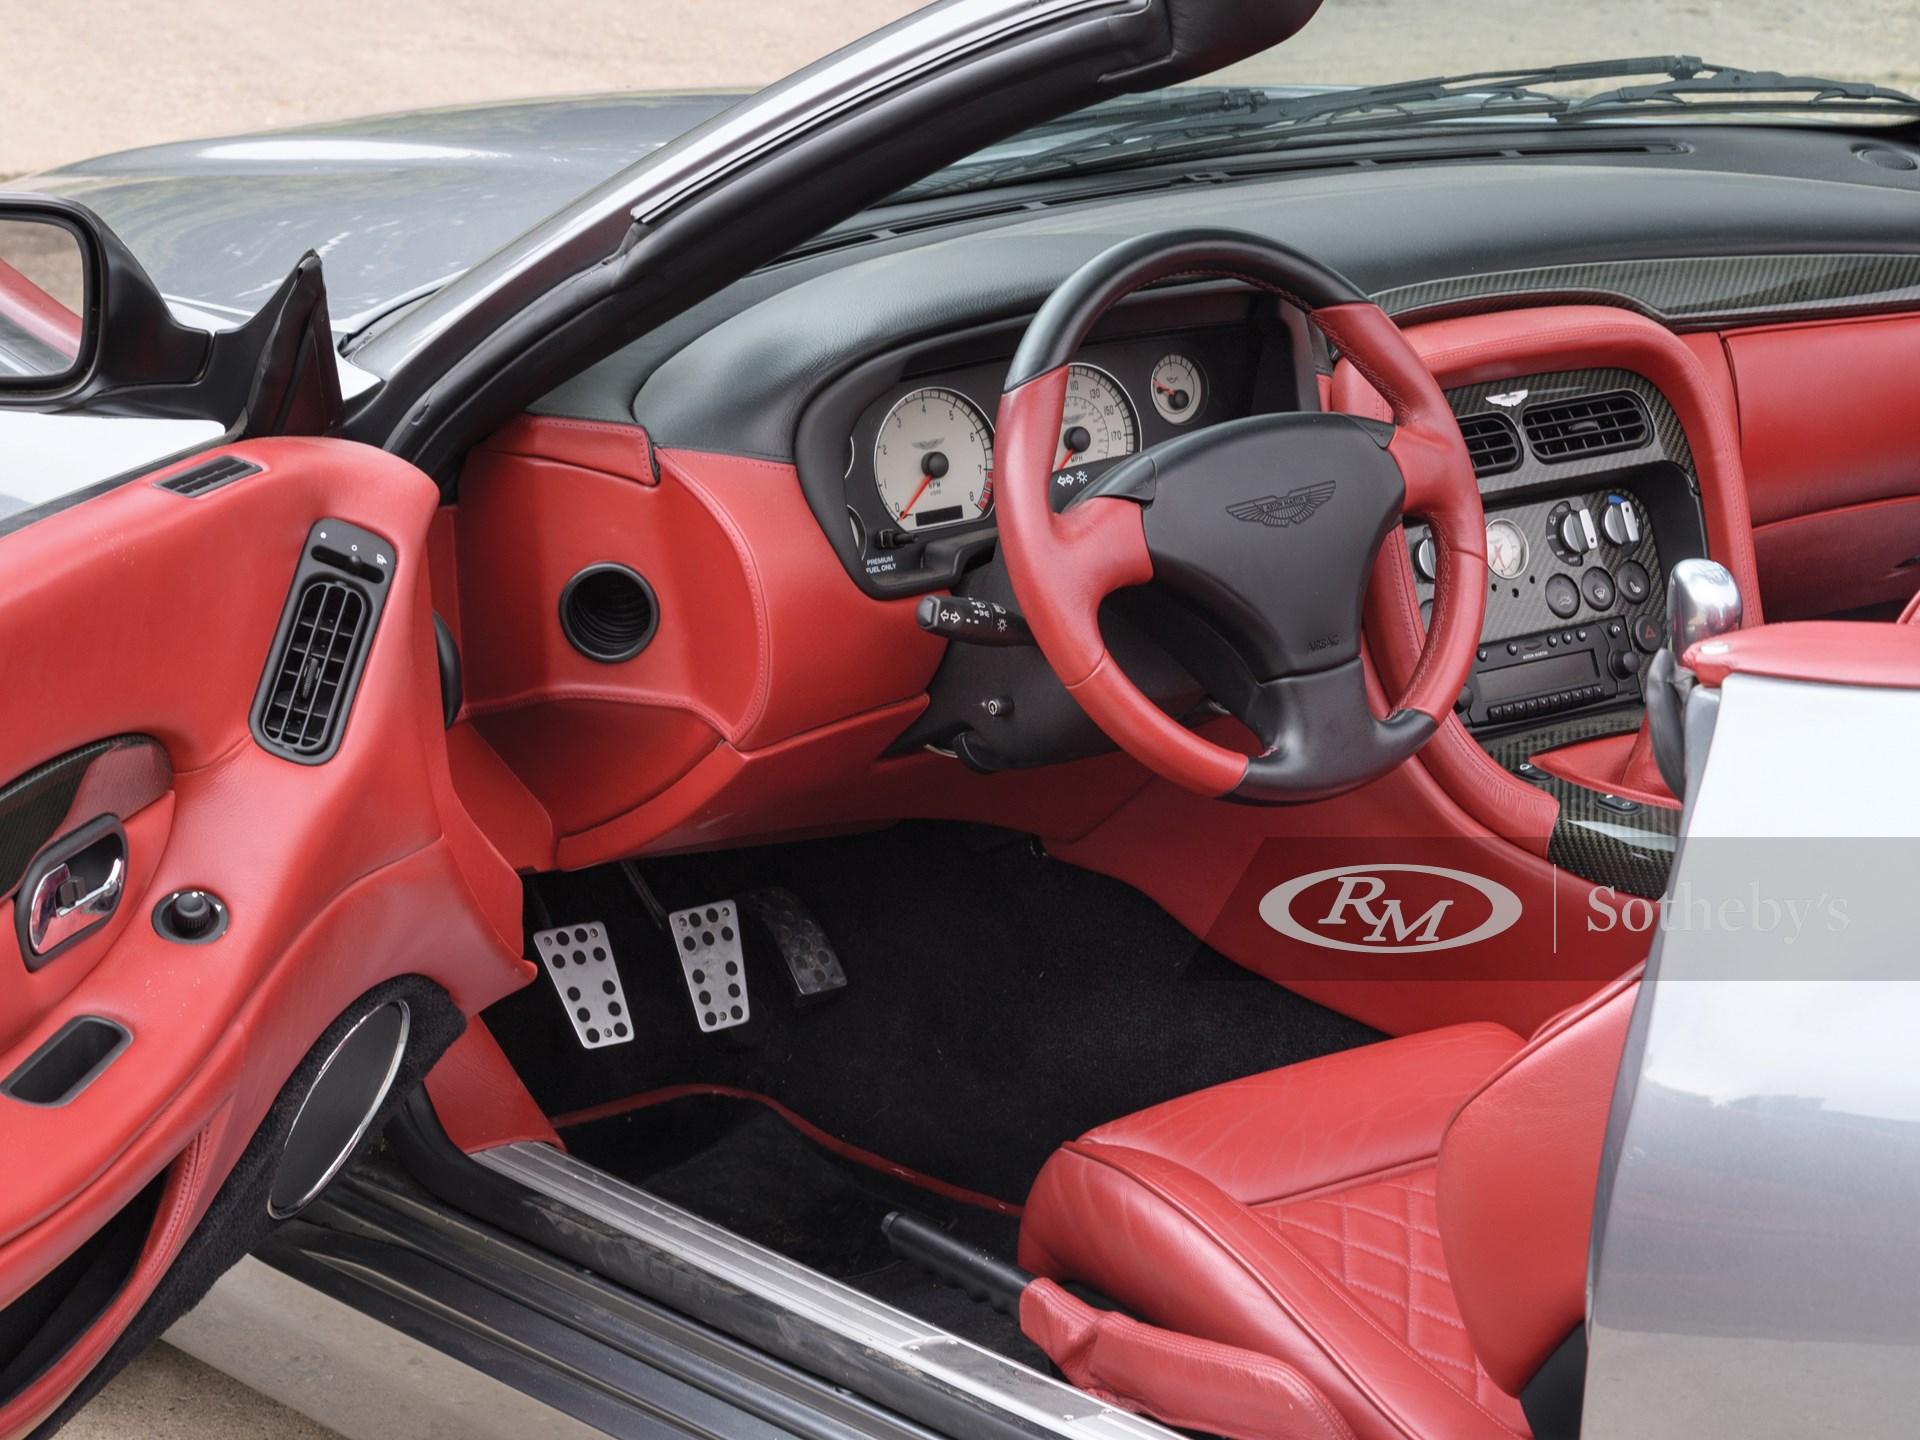 2003 Aston Martin DB AR1 Zagato -